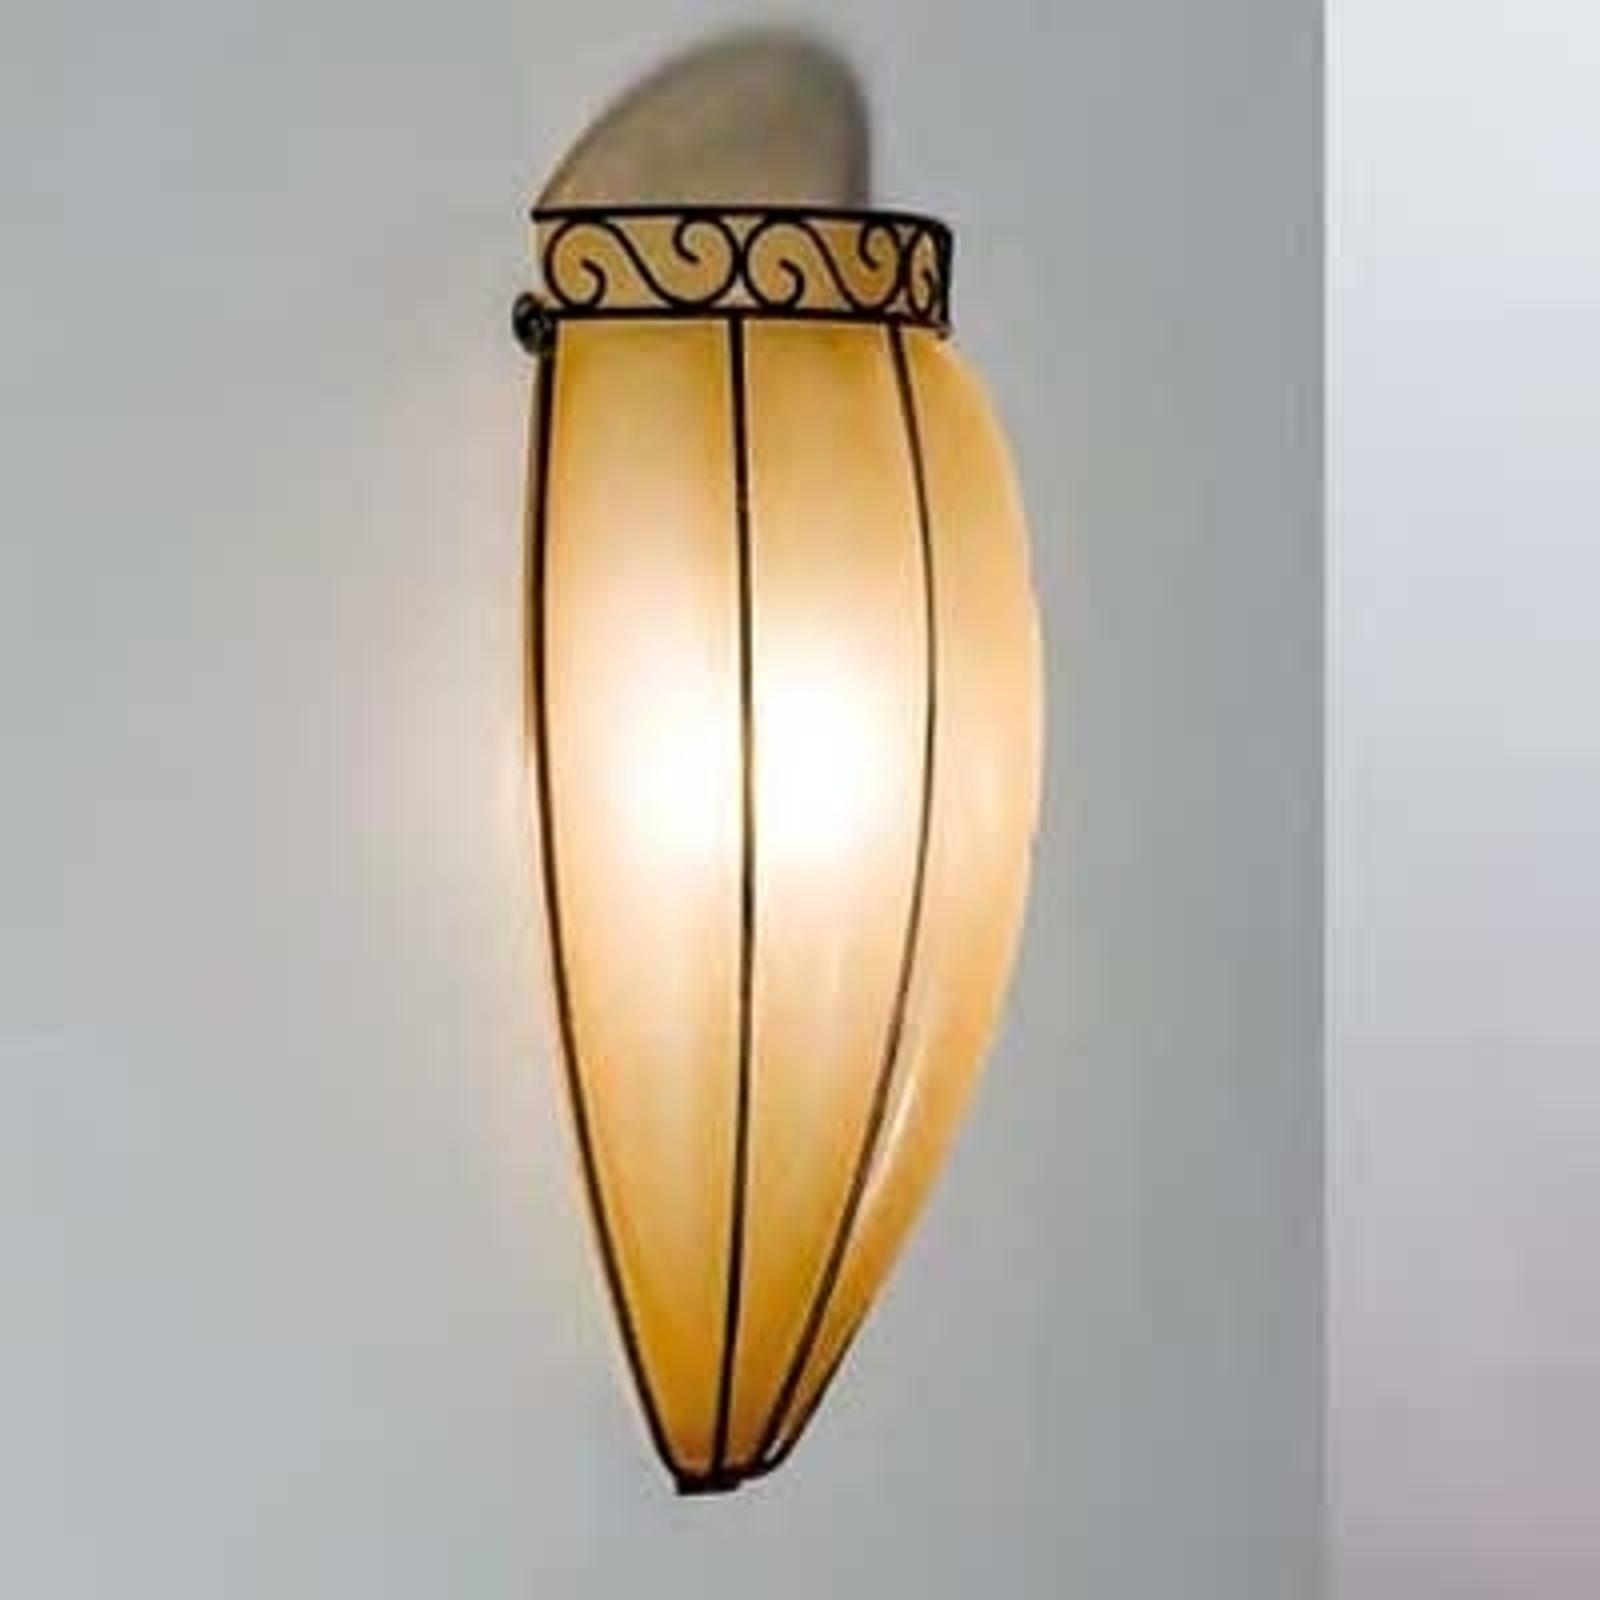 Vegglampe tULIPANO med antikk virkning